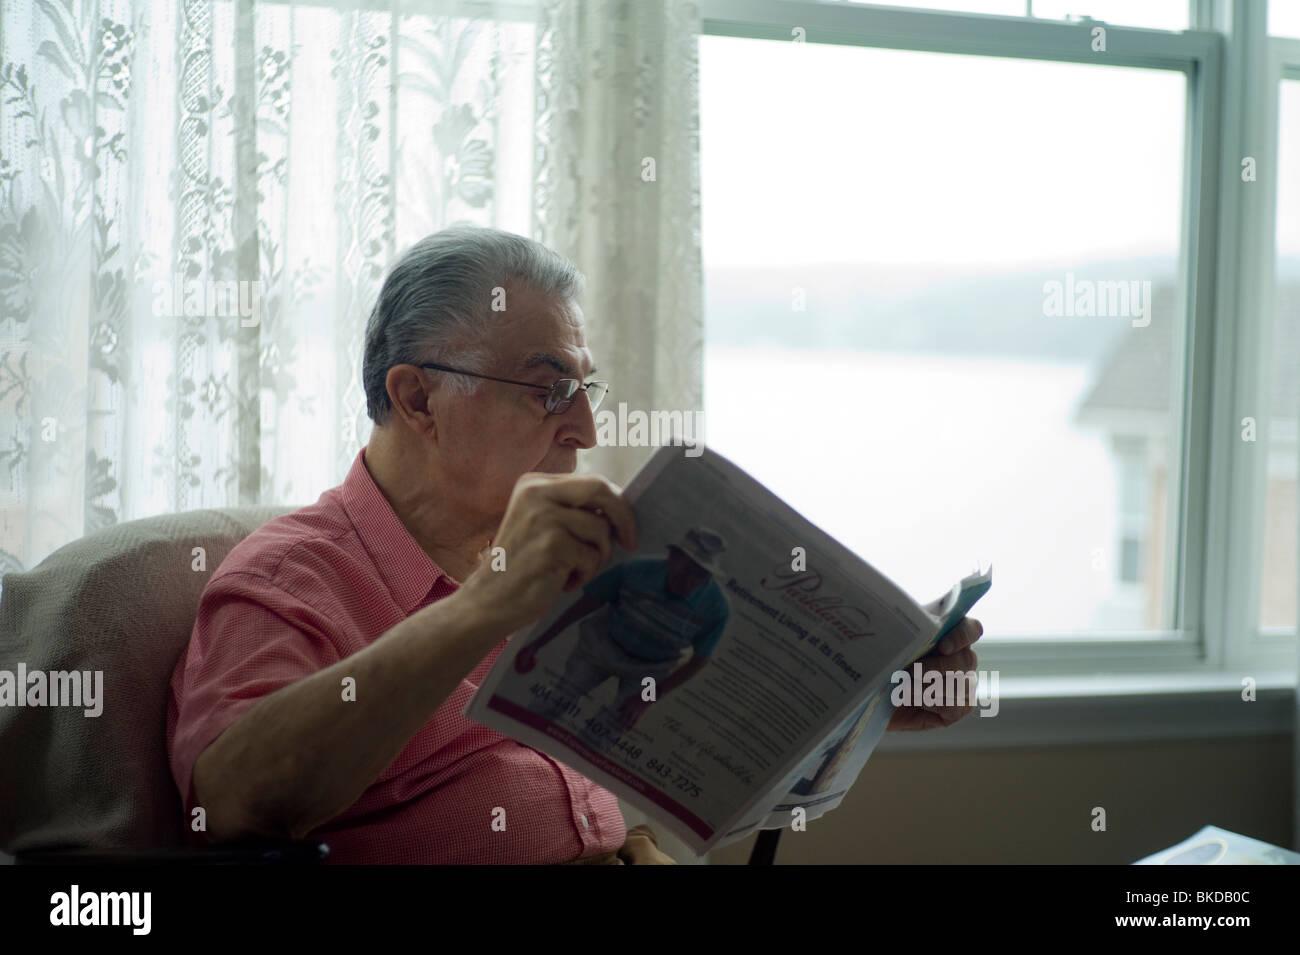 El viejo se sienta en la silla de salón con ventana, leyendo el periódico. Imagen De Stock